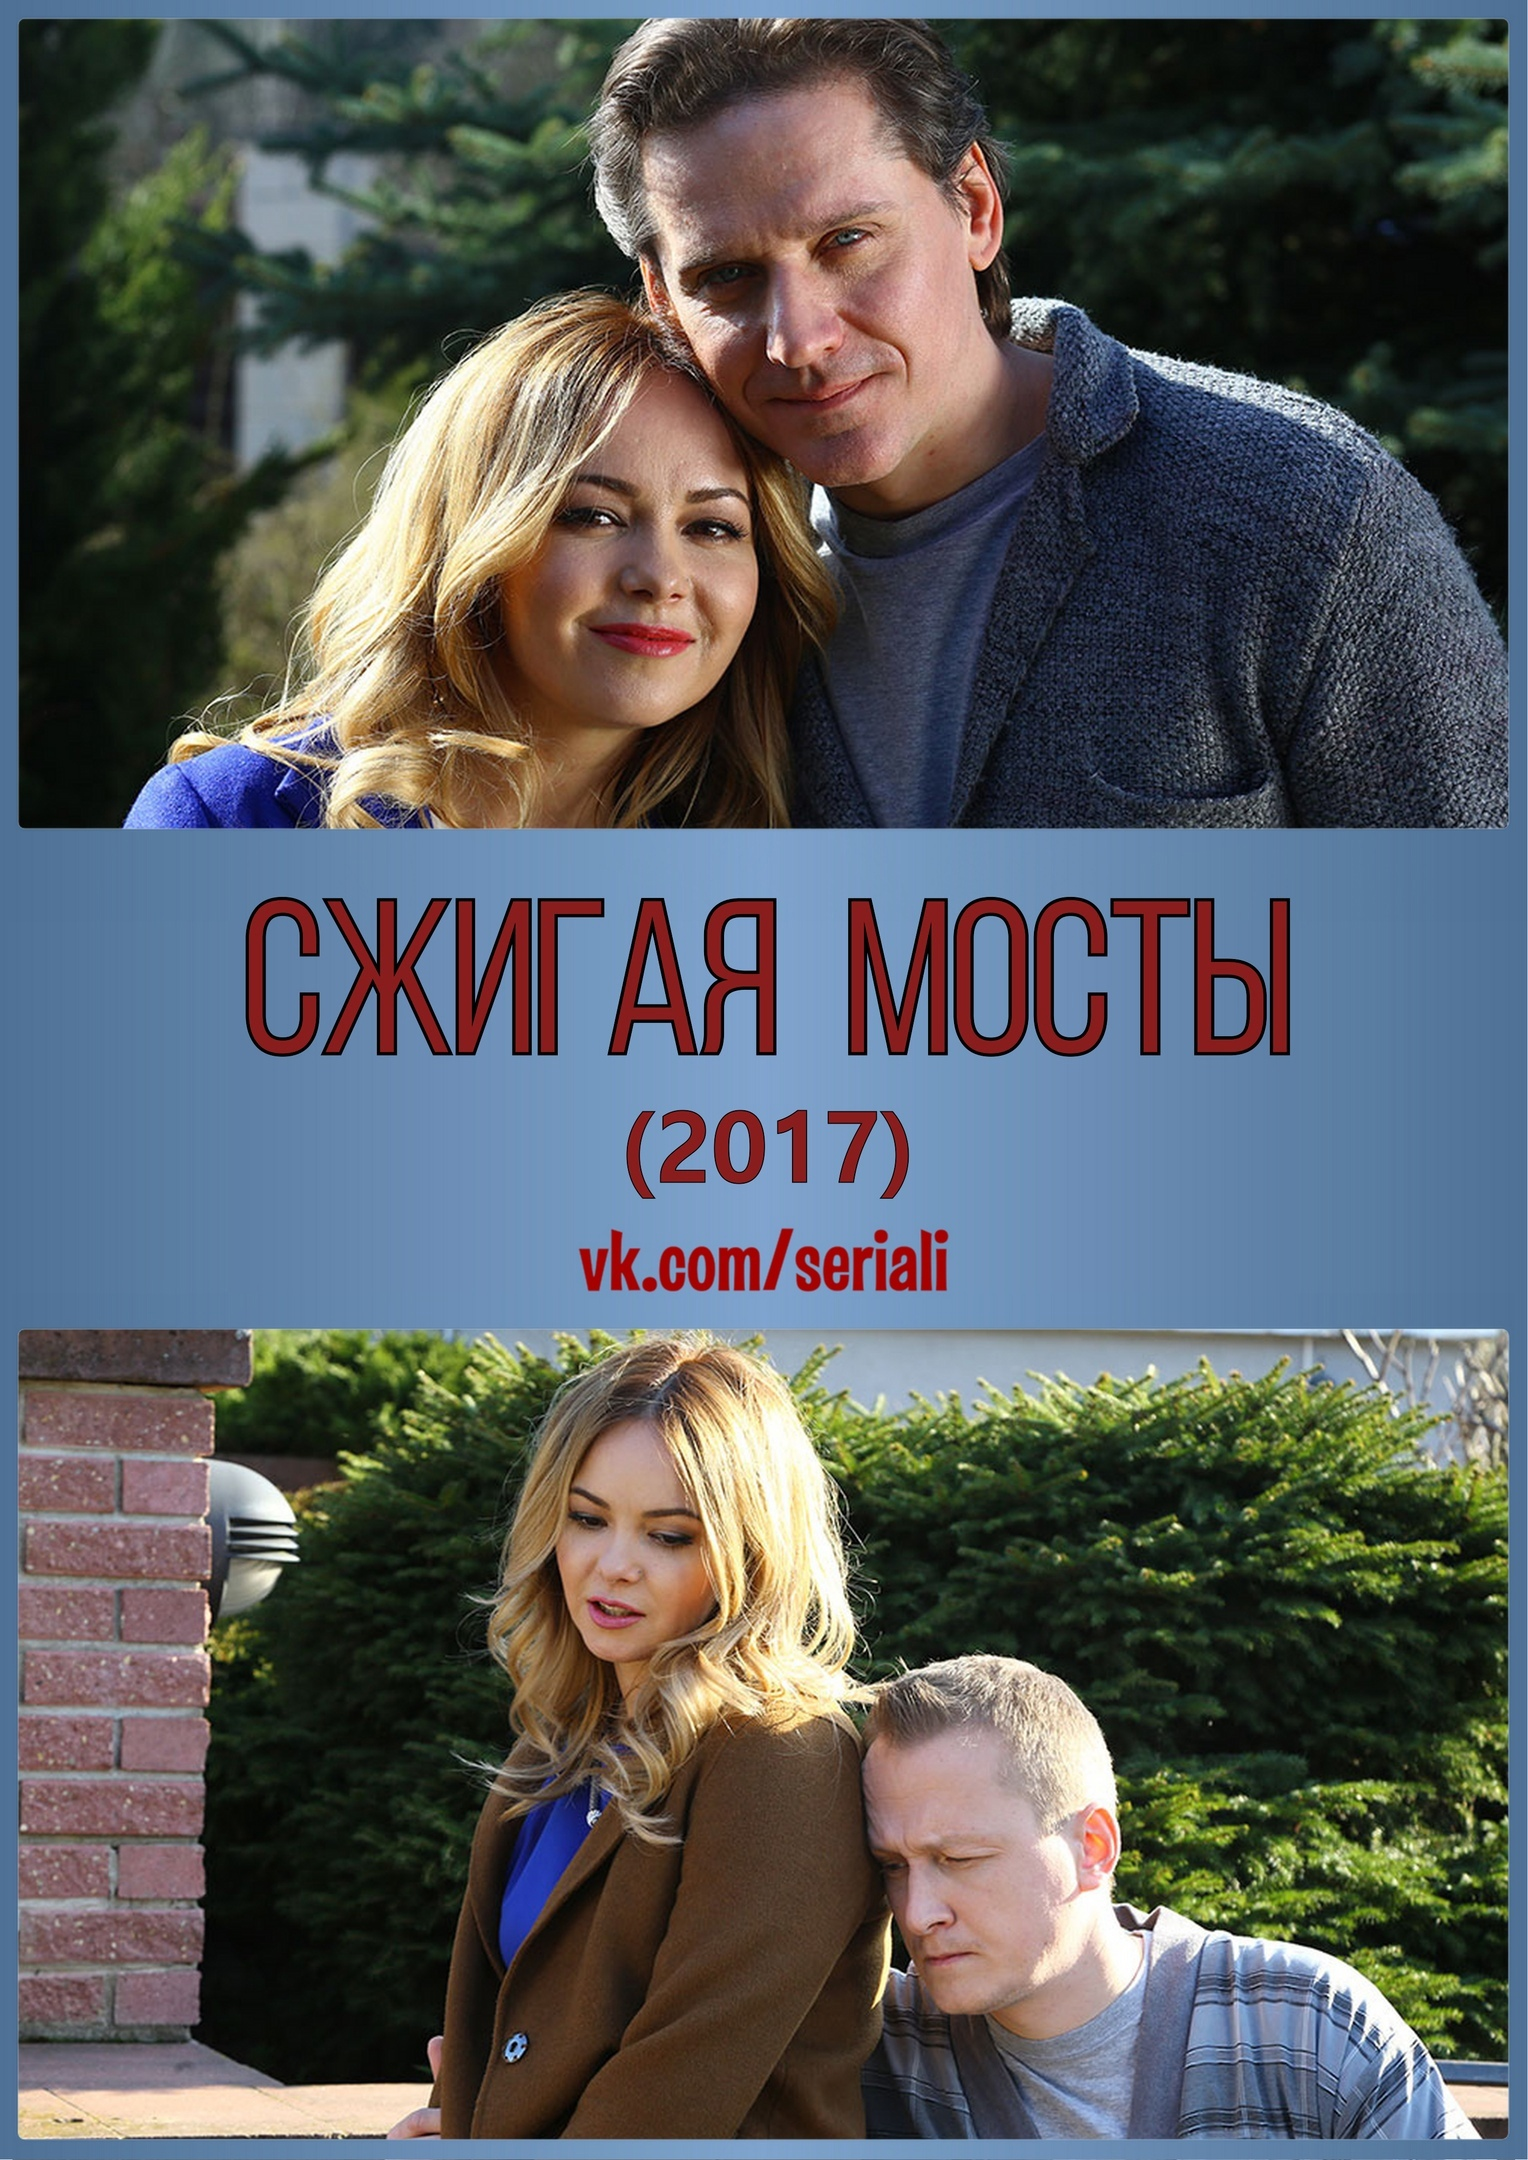 Мелодрама «Cжигaя мocты» (2017) 1-4 серия из 4 HD